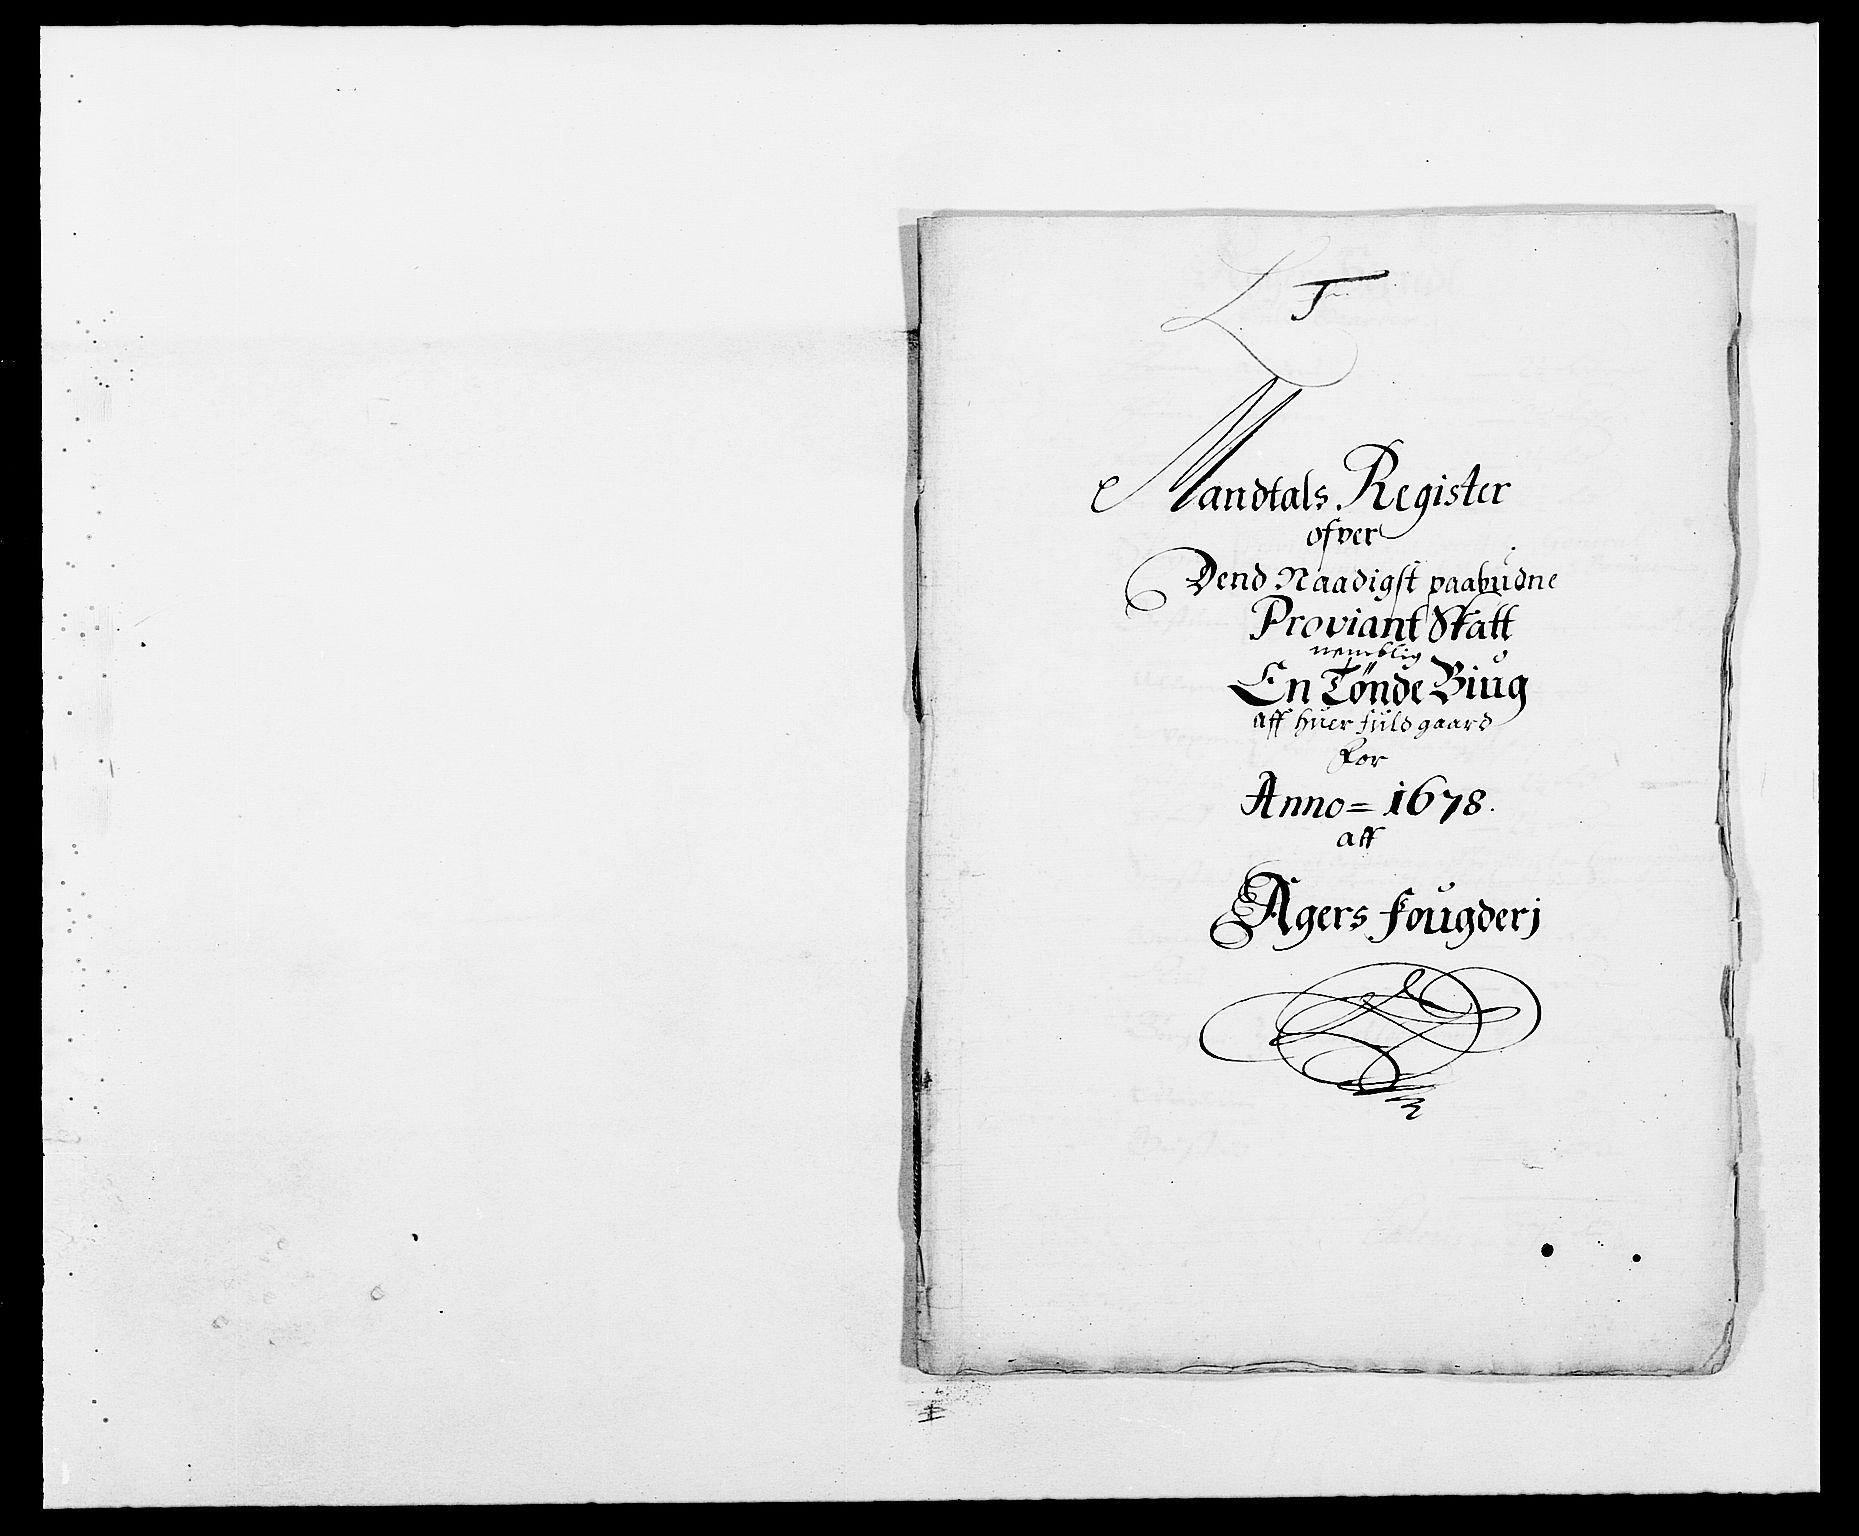 RA, Rentekammeret inntil 1814, Reviderte regnskaper, Fogderegnskap, R08/L0416: Fogderegnskap Aker, 1678-1681, s. 270